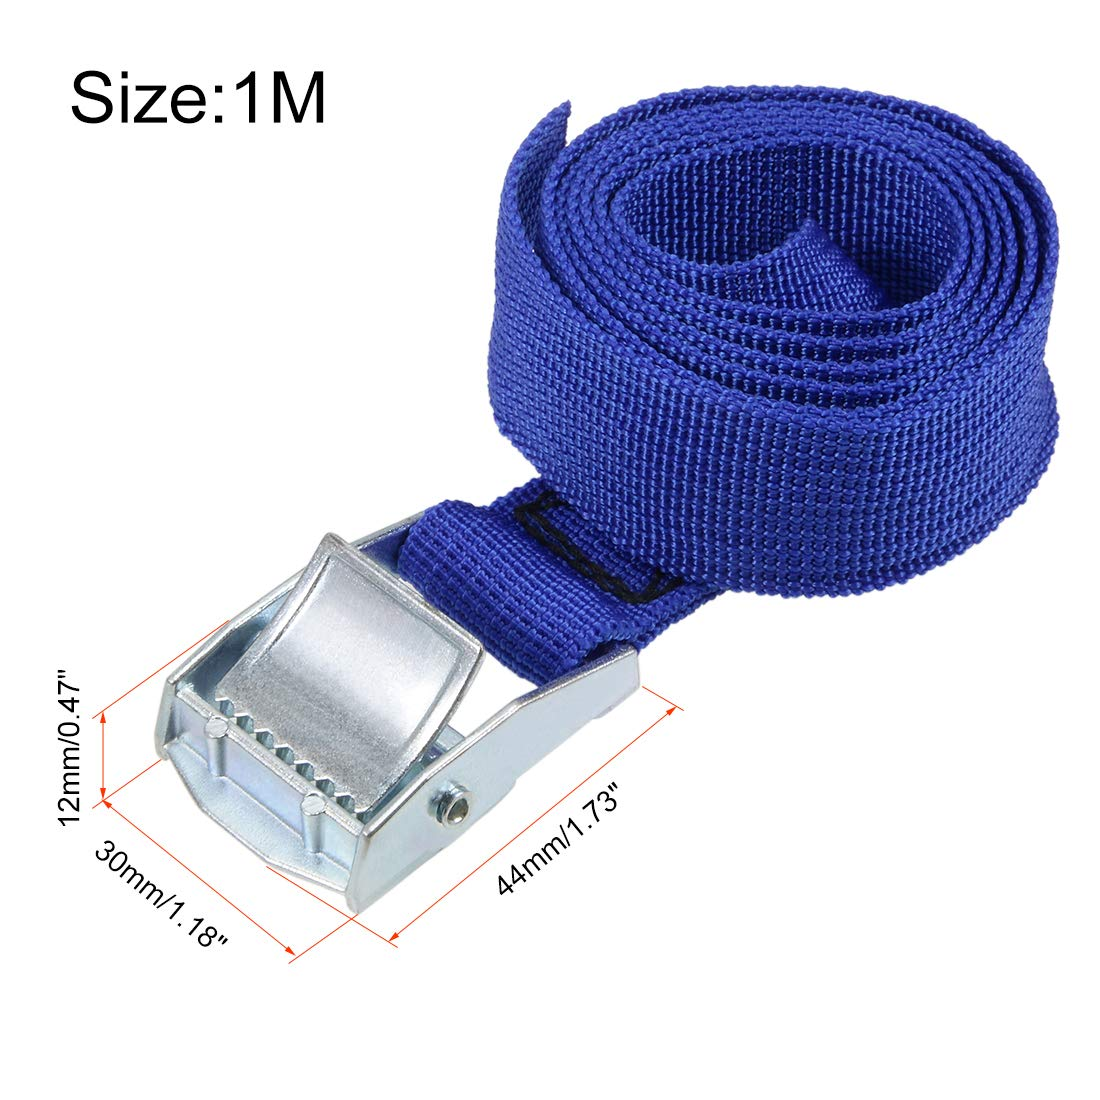 Zurrgurt Ladung Festbinden mit Schnalle 250kg Arbeitslast 2Mx25mm Blau sourcing map 2 Stk